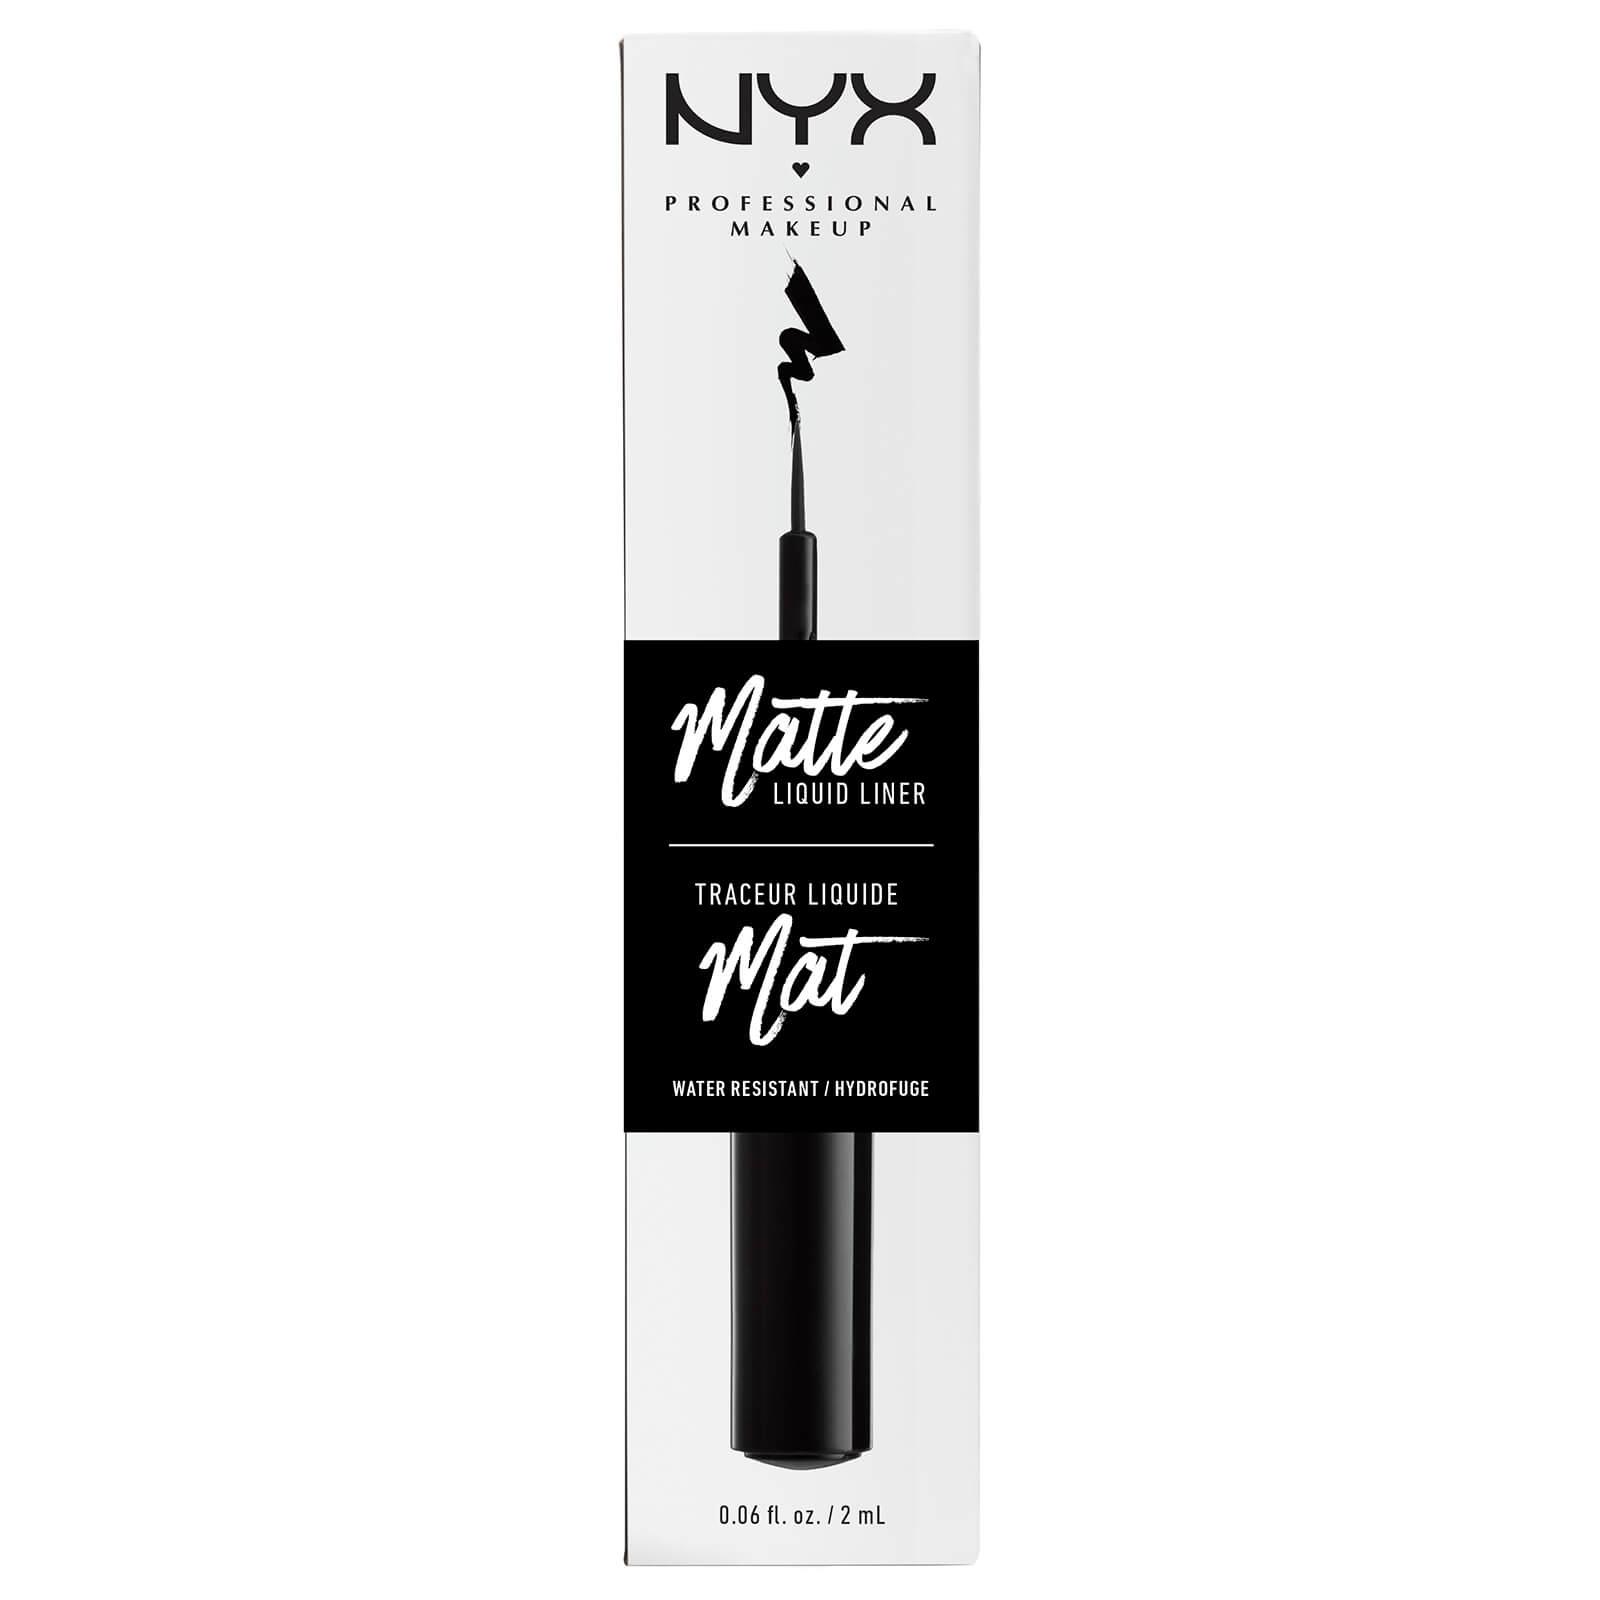 Купить Жидкий матовый лайнер NYX Professional Makeup Matte Liquid Liner - Black